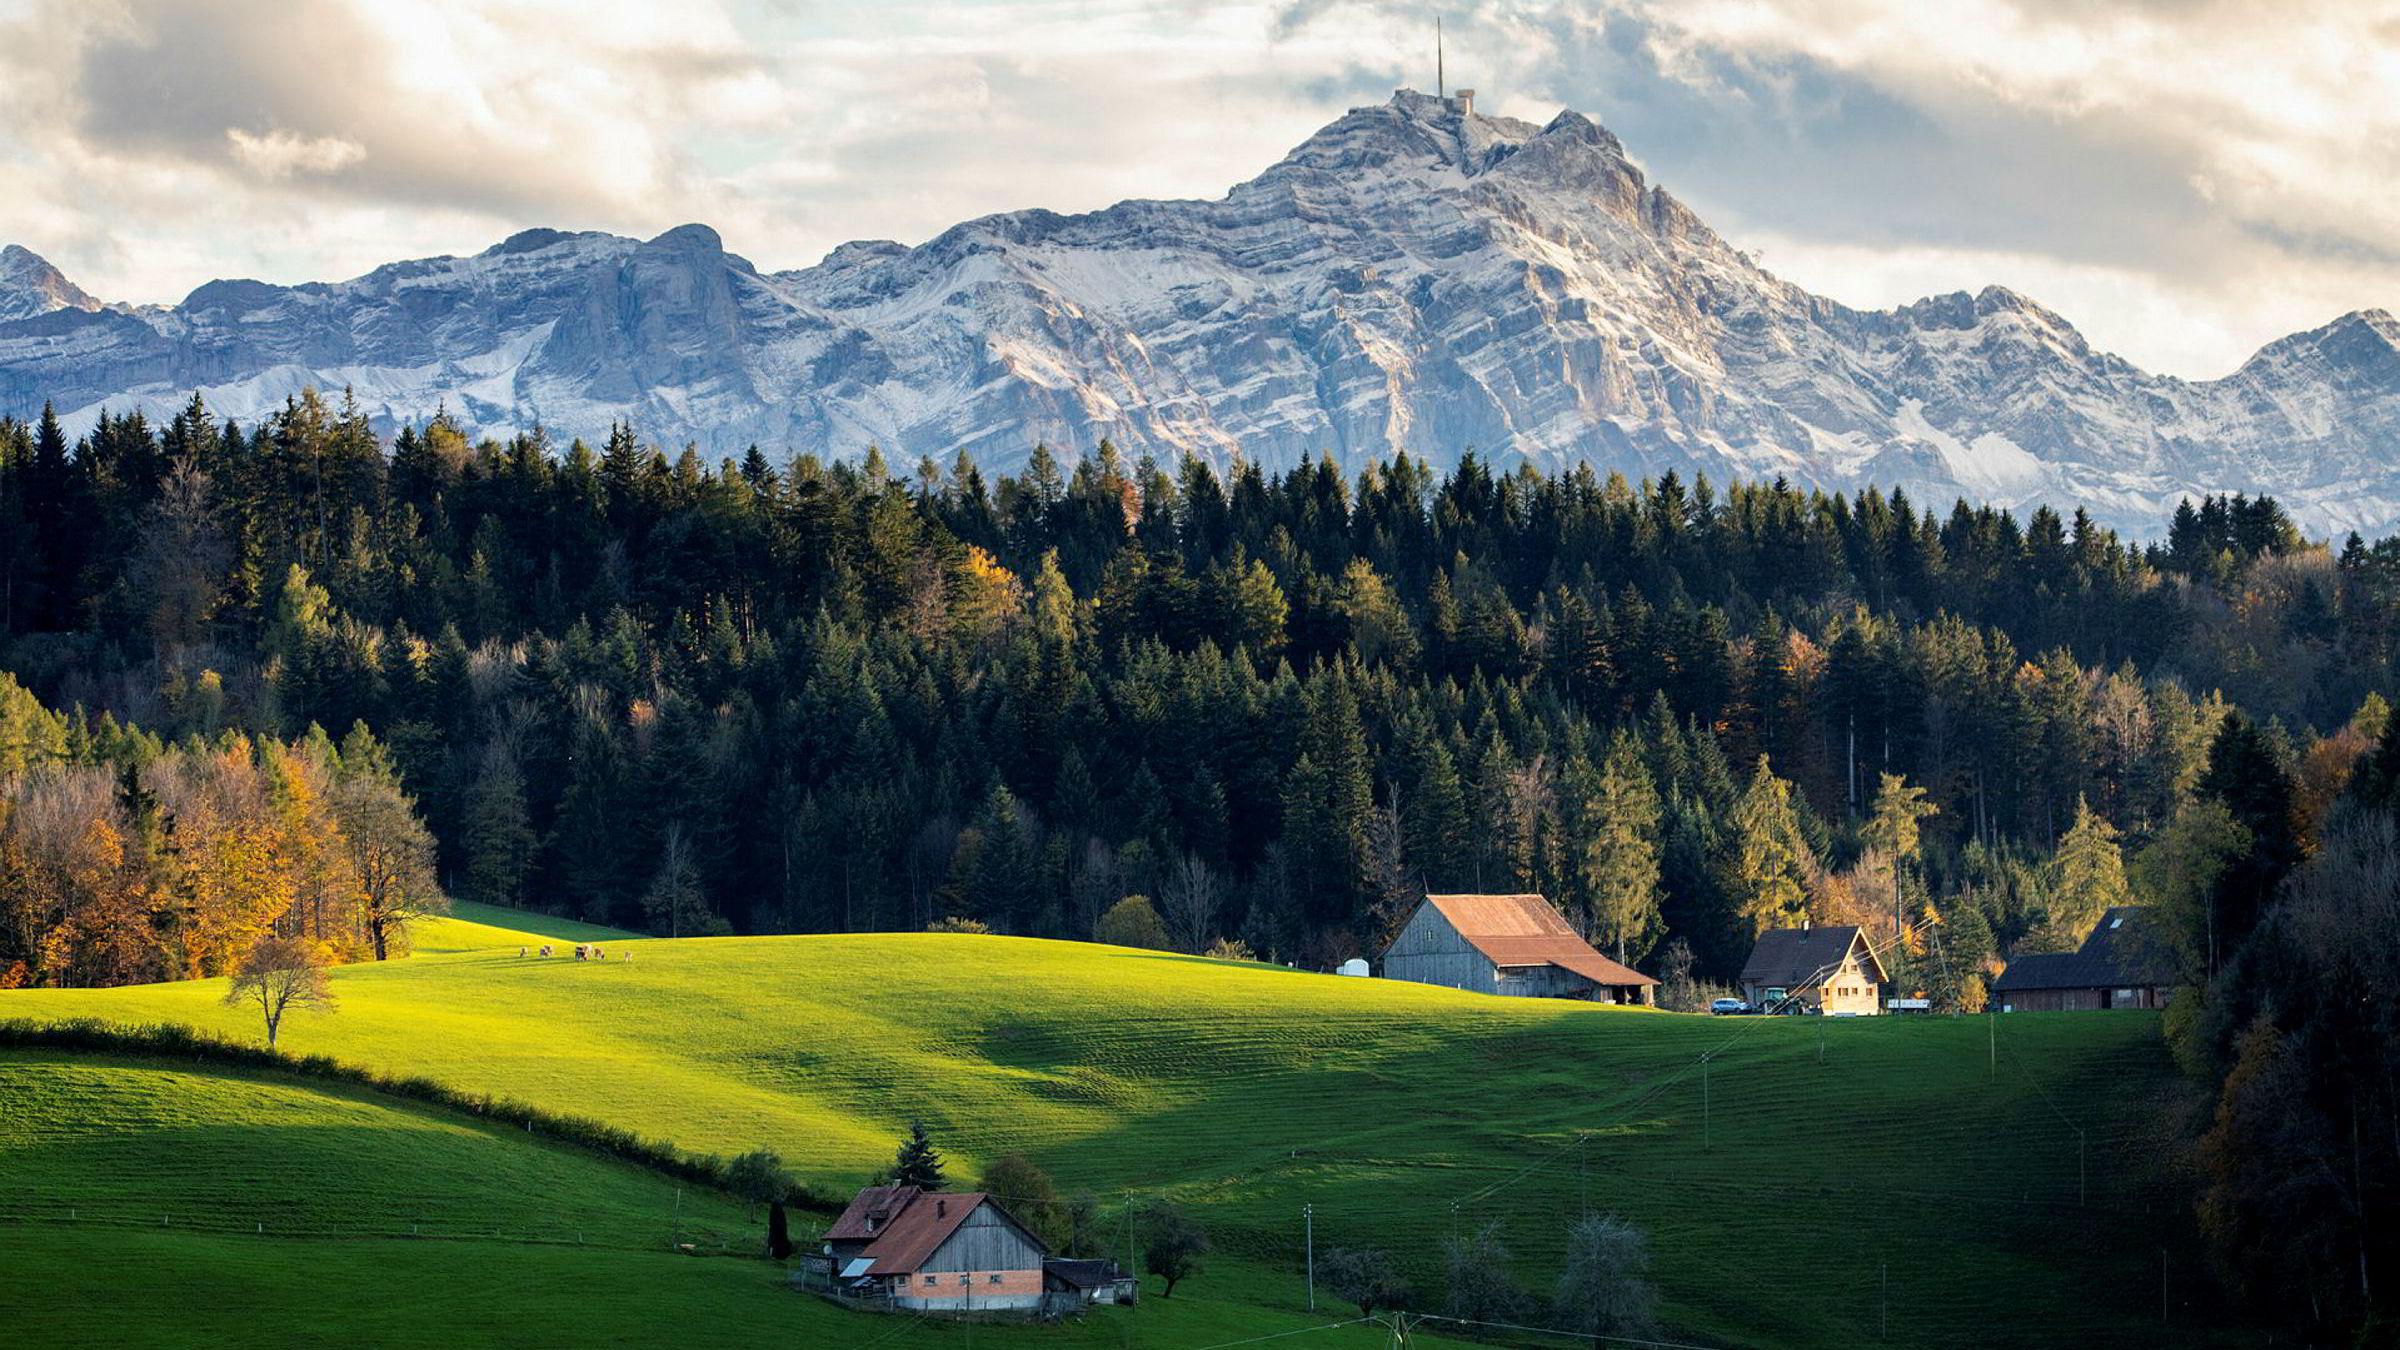 Den lille byen og finanssenteret St. Gallen ved Bodensjøen i Sveits ligger naturskjønt til, og har beitende kyr inne i byen. University of St. Gallen har vært et av de mest prestisjefylte stedene for norske studenter innen økonomi og administrasjon helt siden 1947.